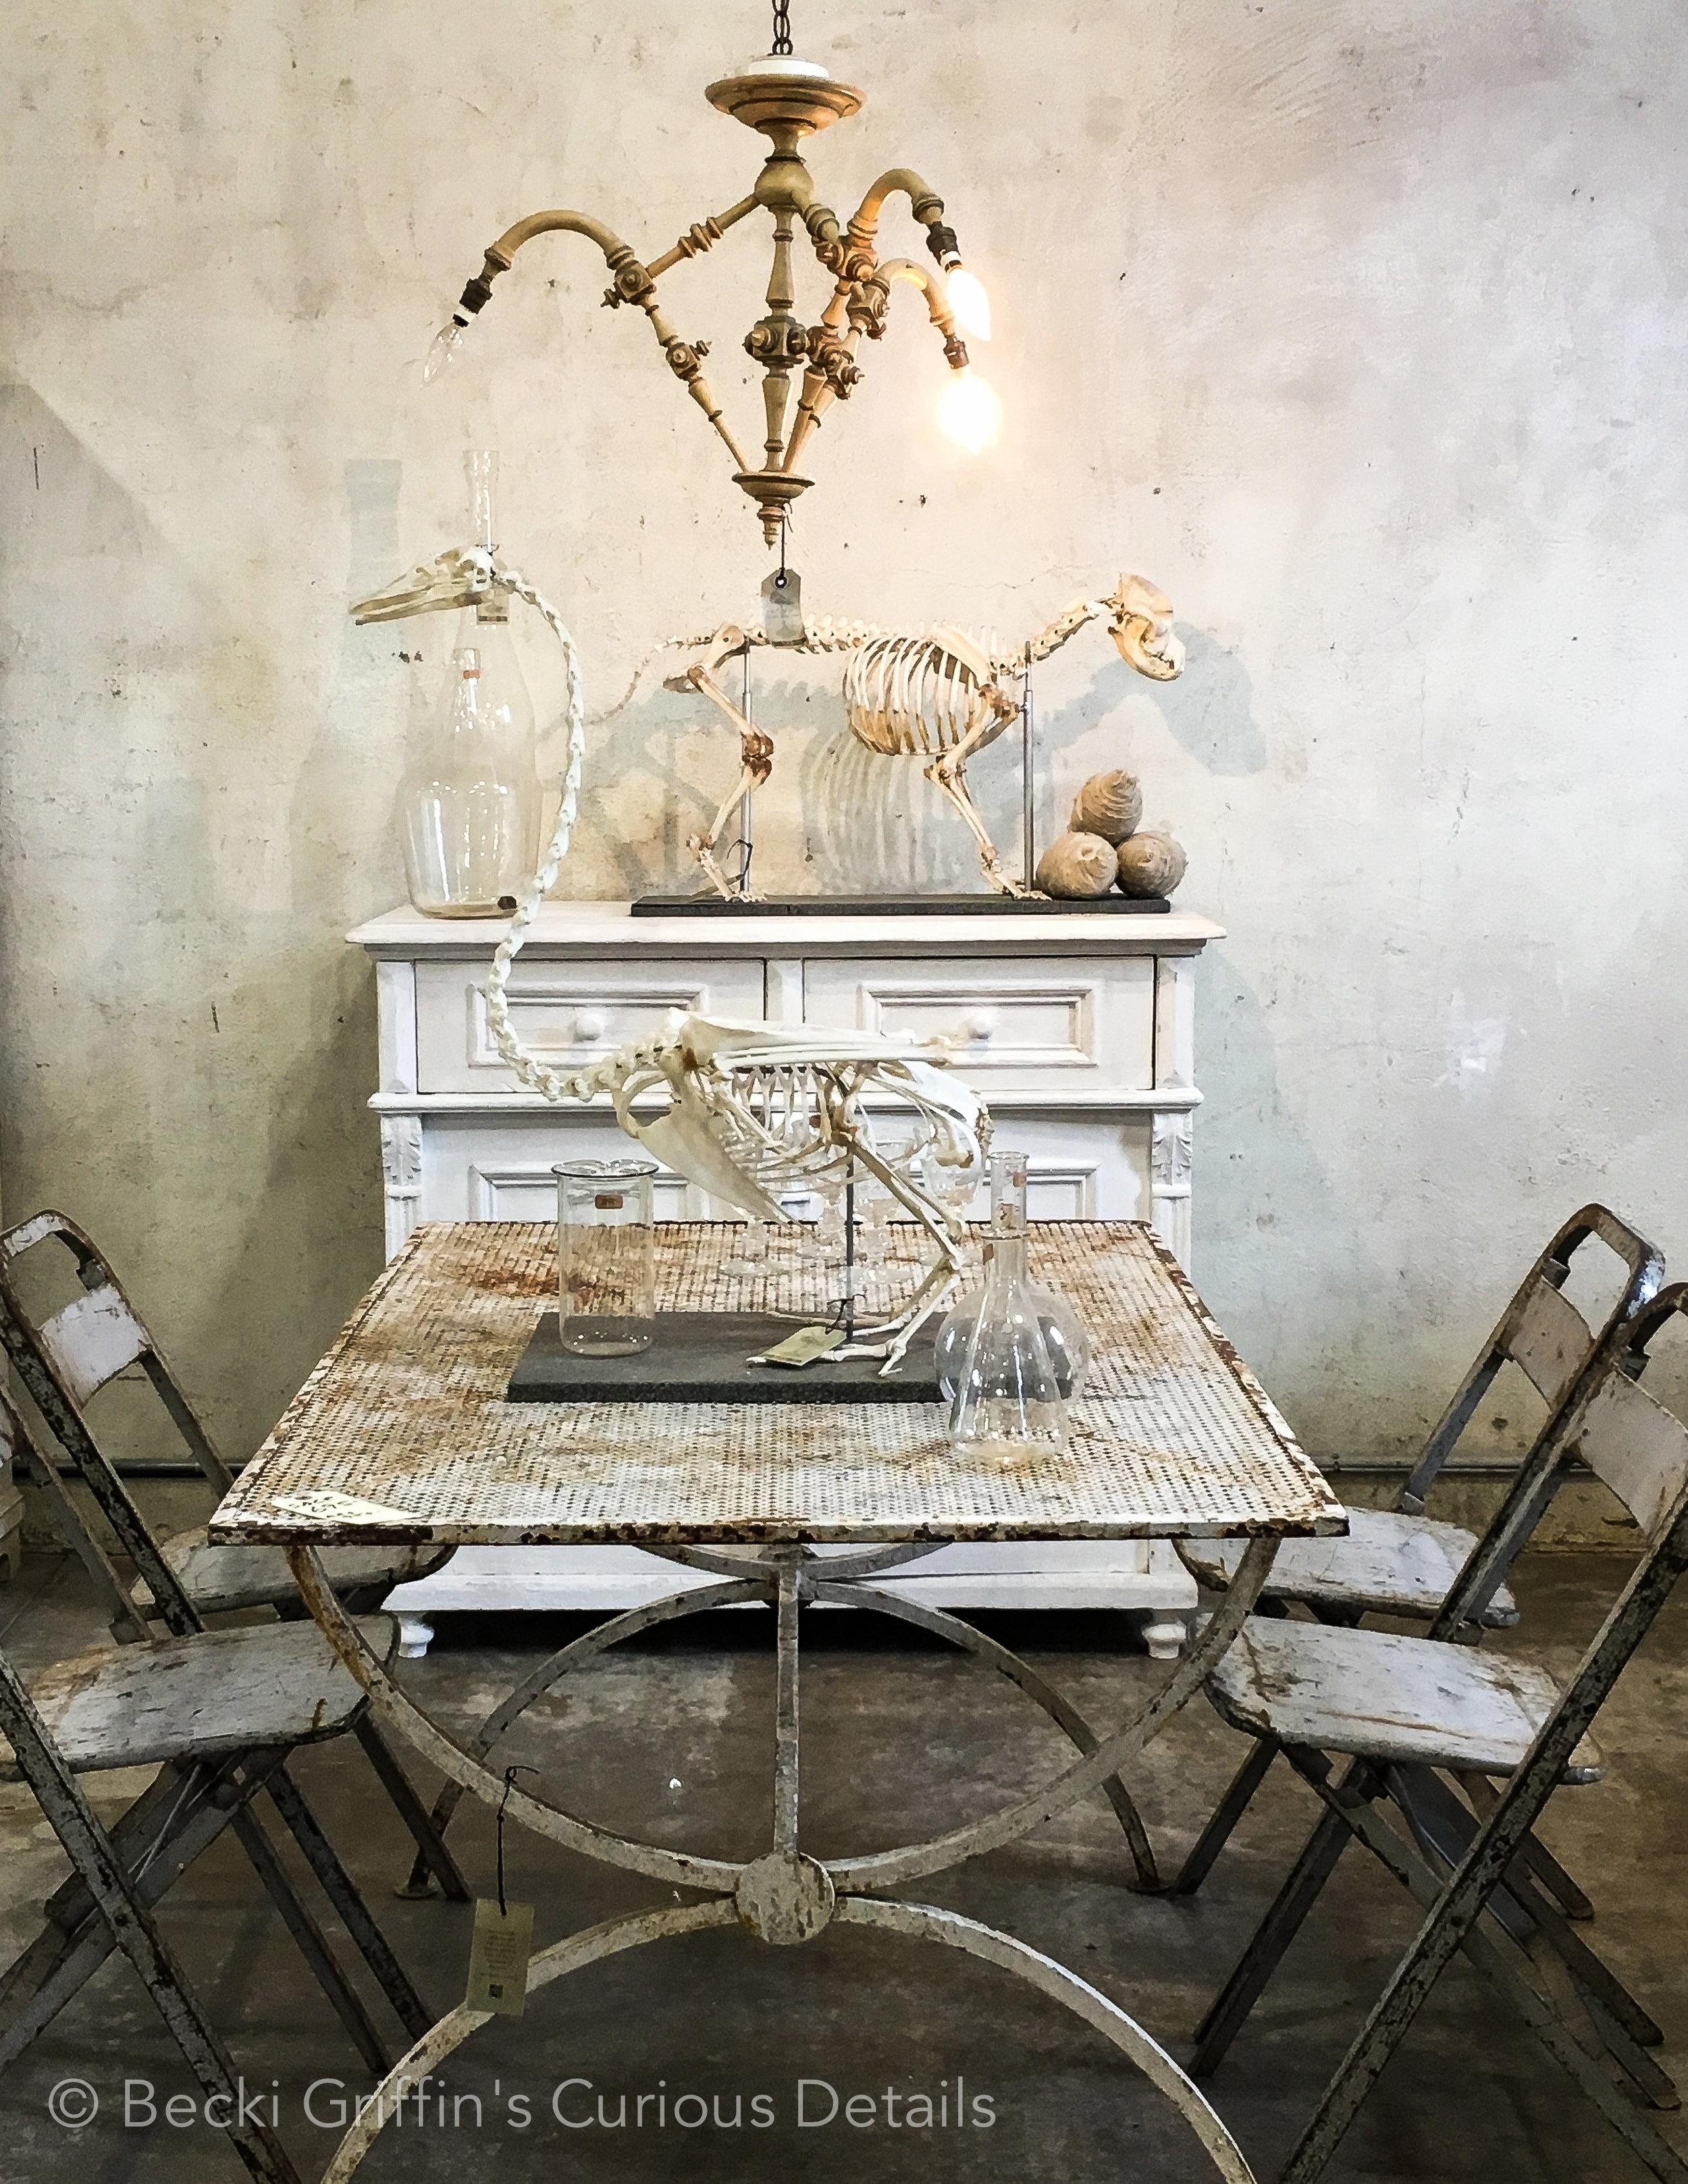 Becki Griffin's Curious Details_Room No. 5 Carol Bolton Unloading Sale-1.jpg